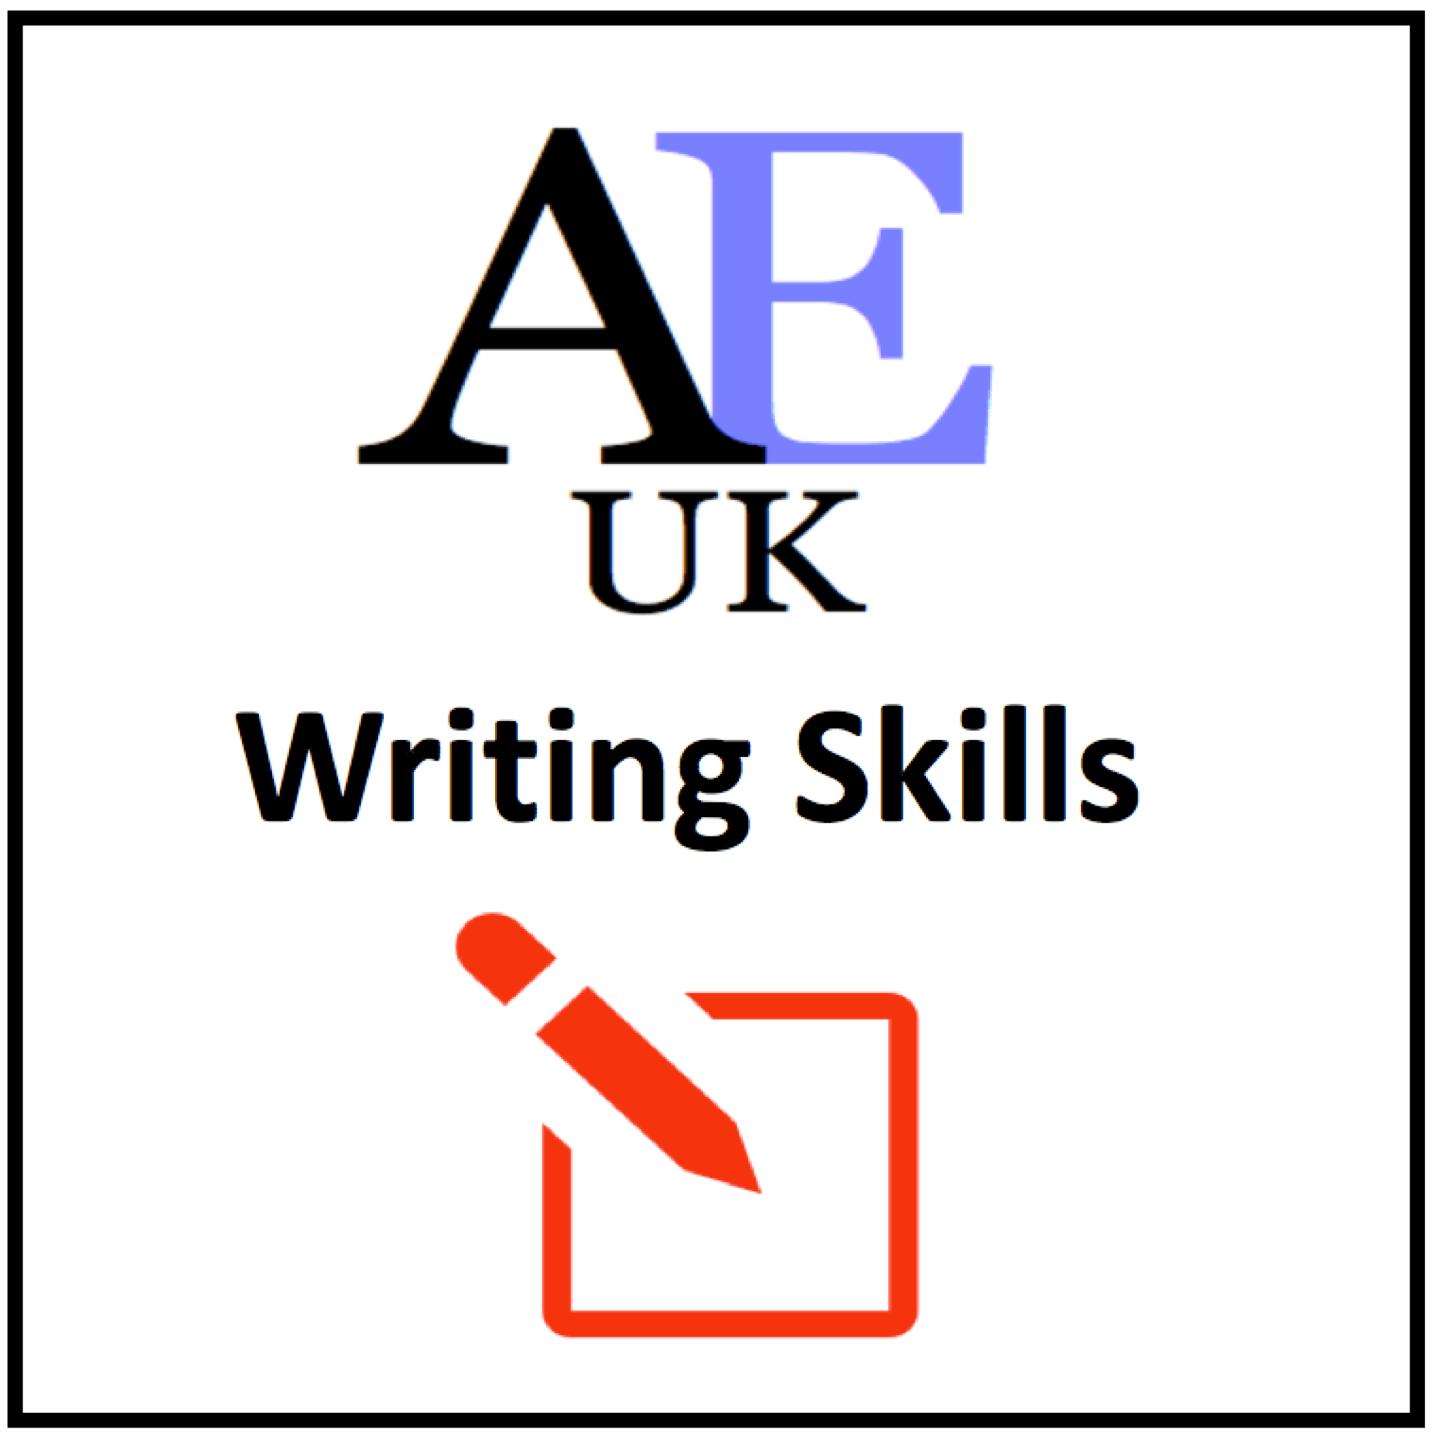 Writing skills AEUK